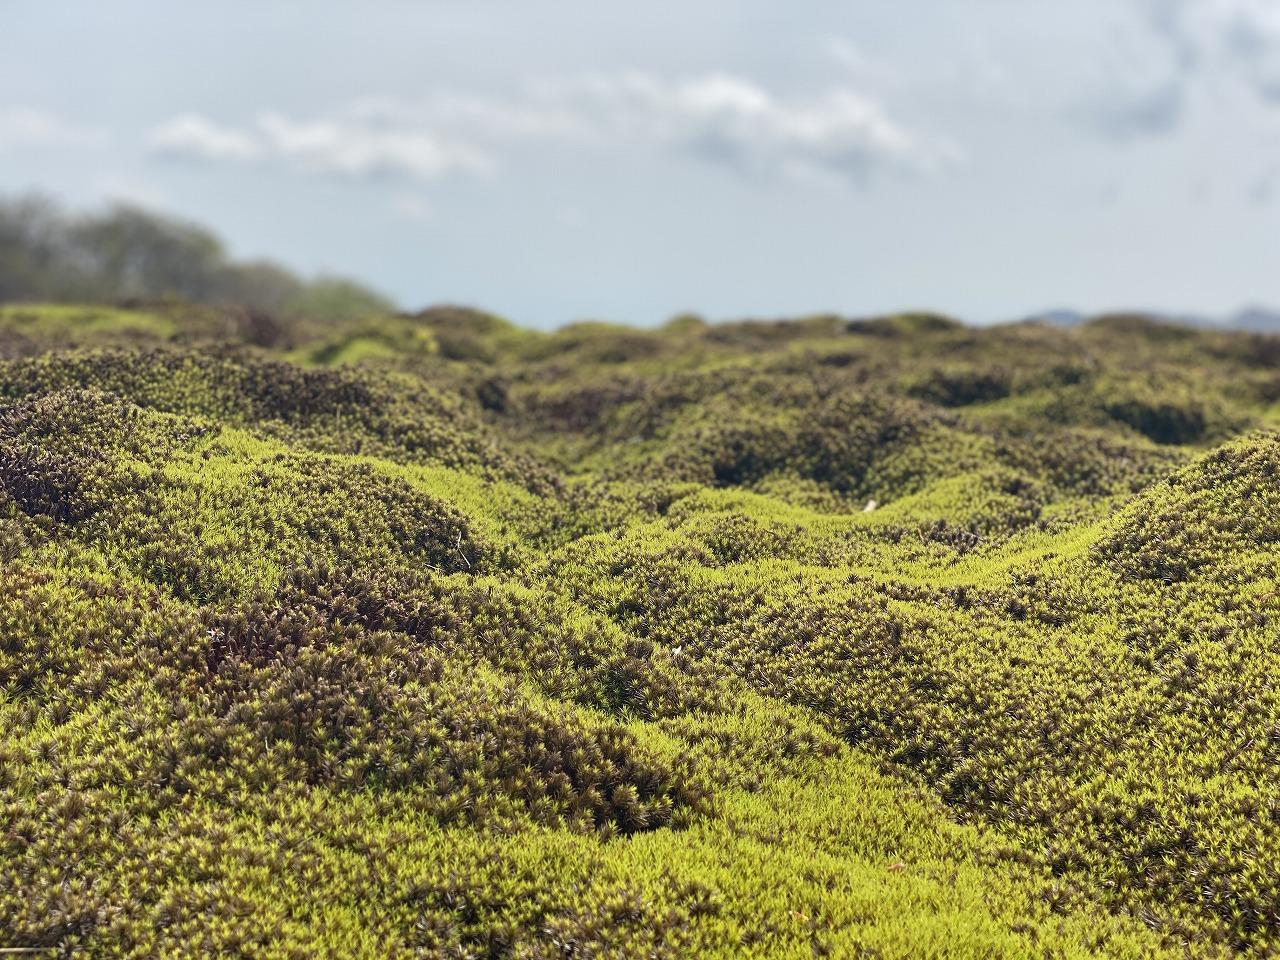 イブネの苔